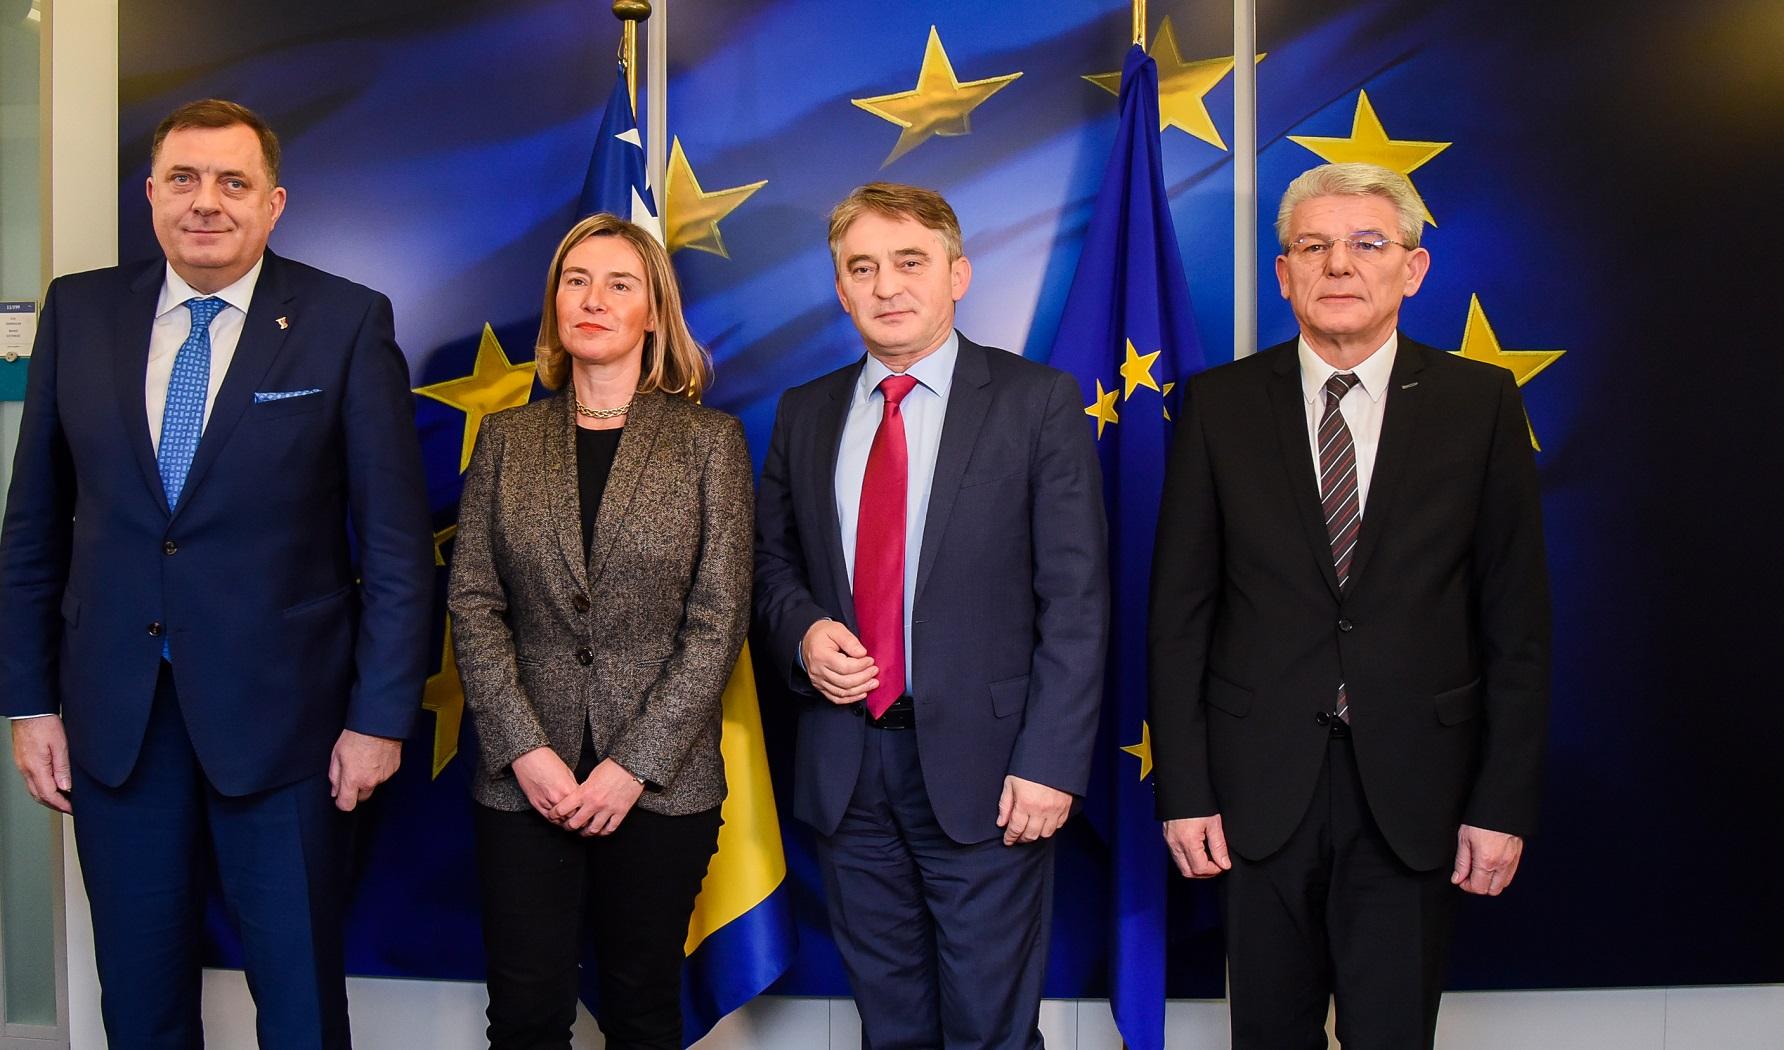 Τα μέλη της Προεδρίας της Β-Ε συναντήθηκαν με τη Federica Mogherini στις Βρυξέλλες